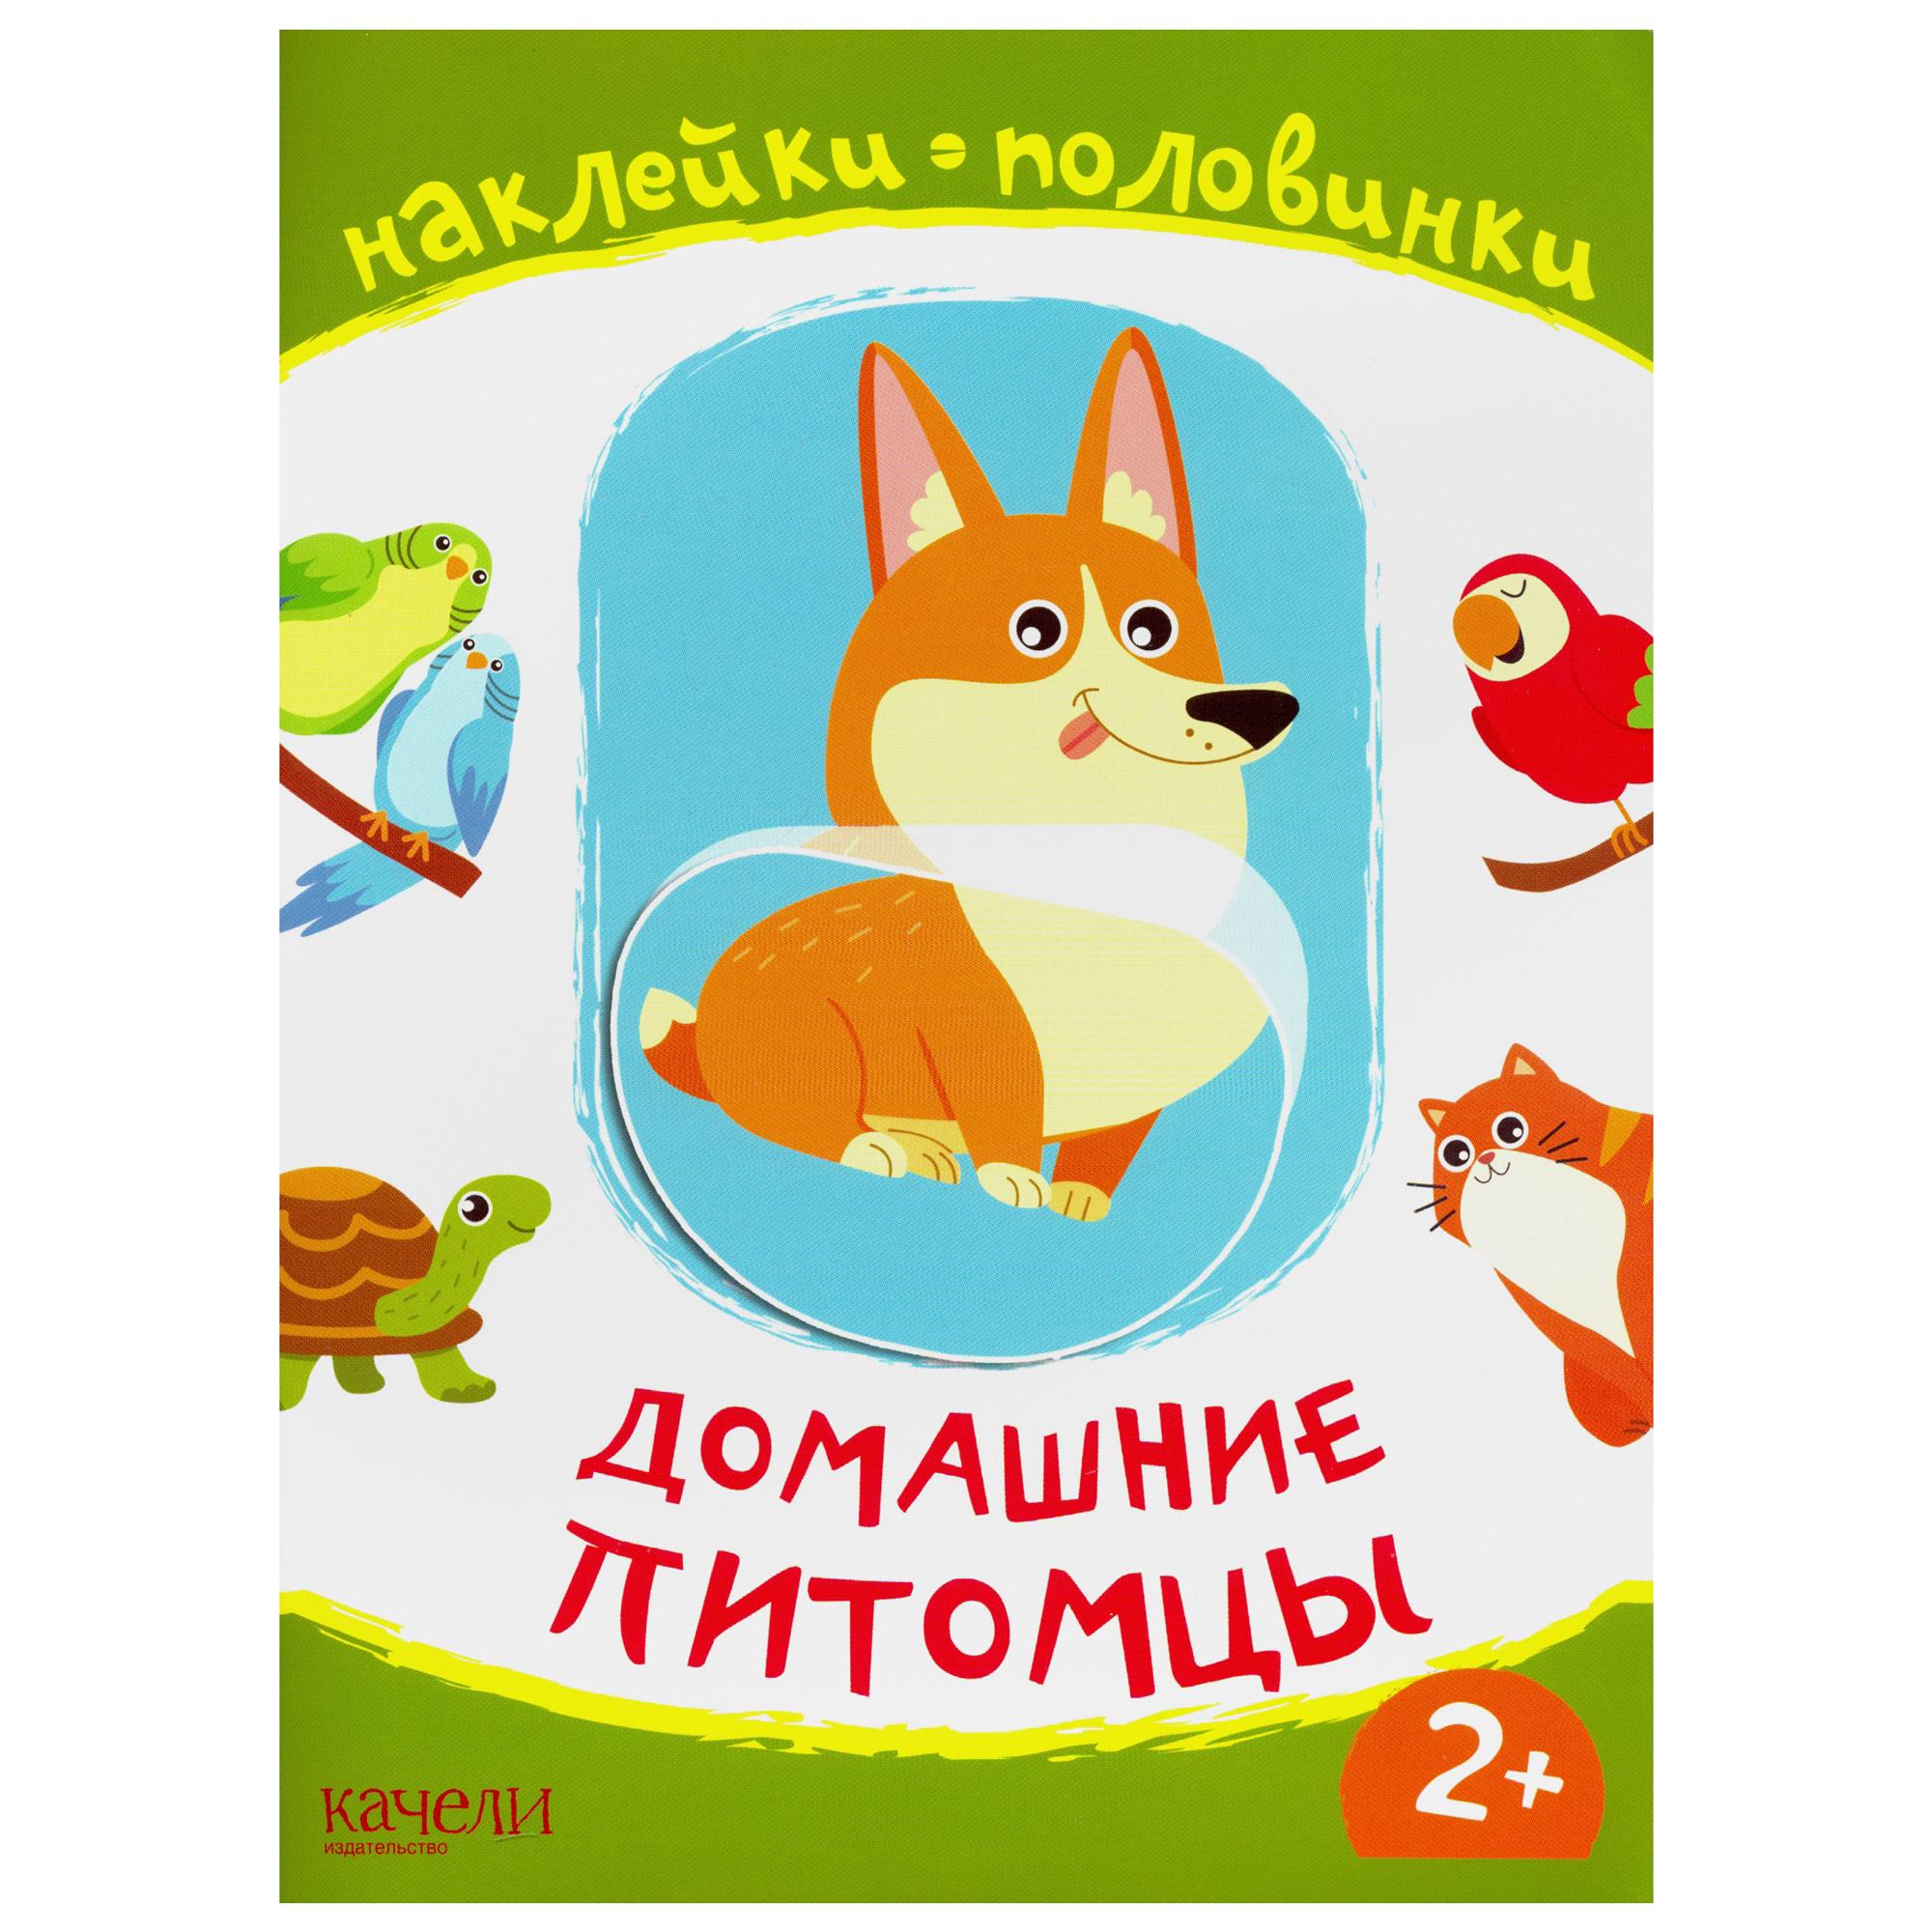 Книжка Качели Домашние питомцы